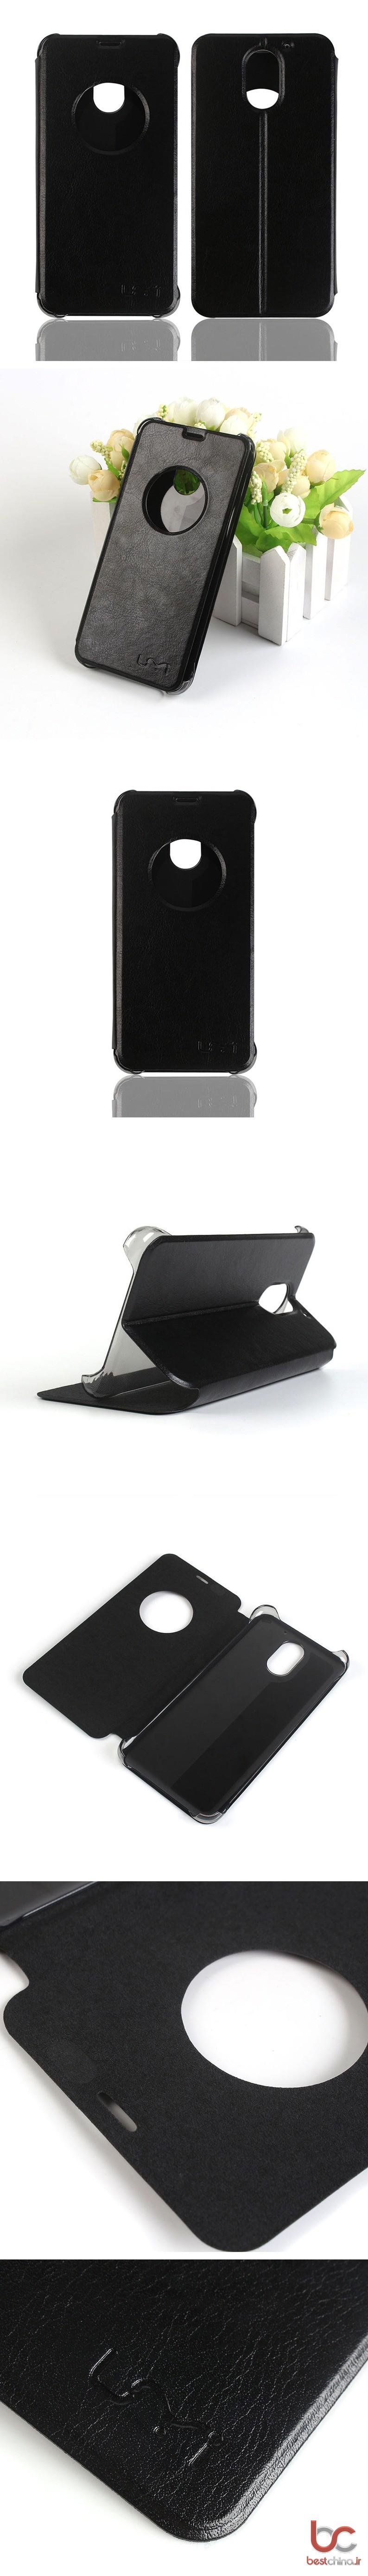 UMi Plus flip cover (3)